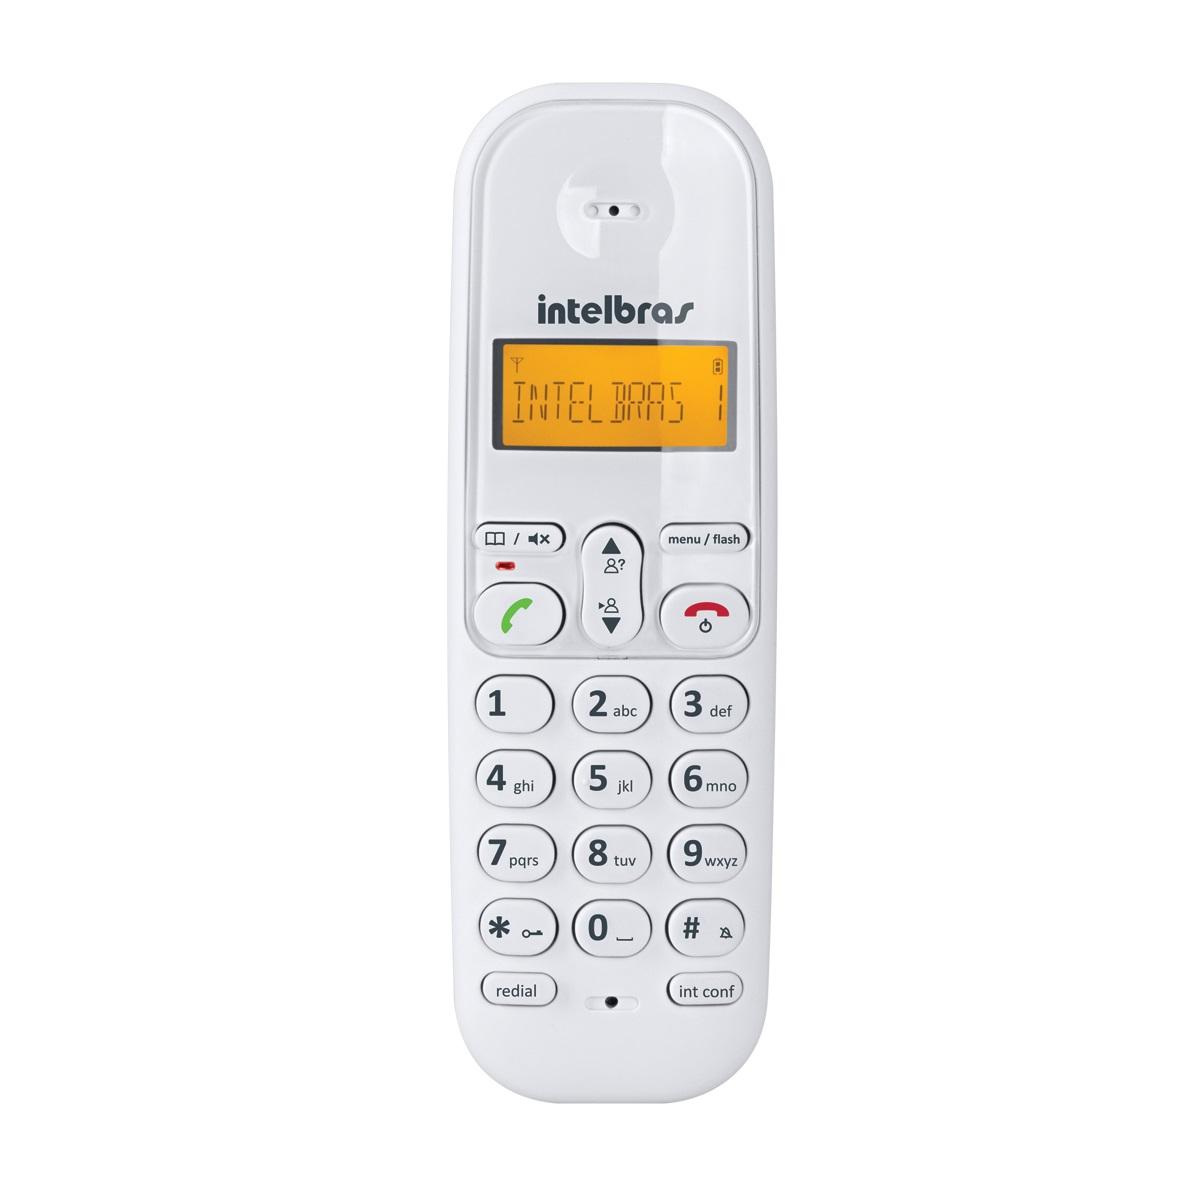 Telefone Sem Fio Digital Intelbras TS 3110 Branco  - ShopNoroeste.com.br